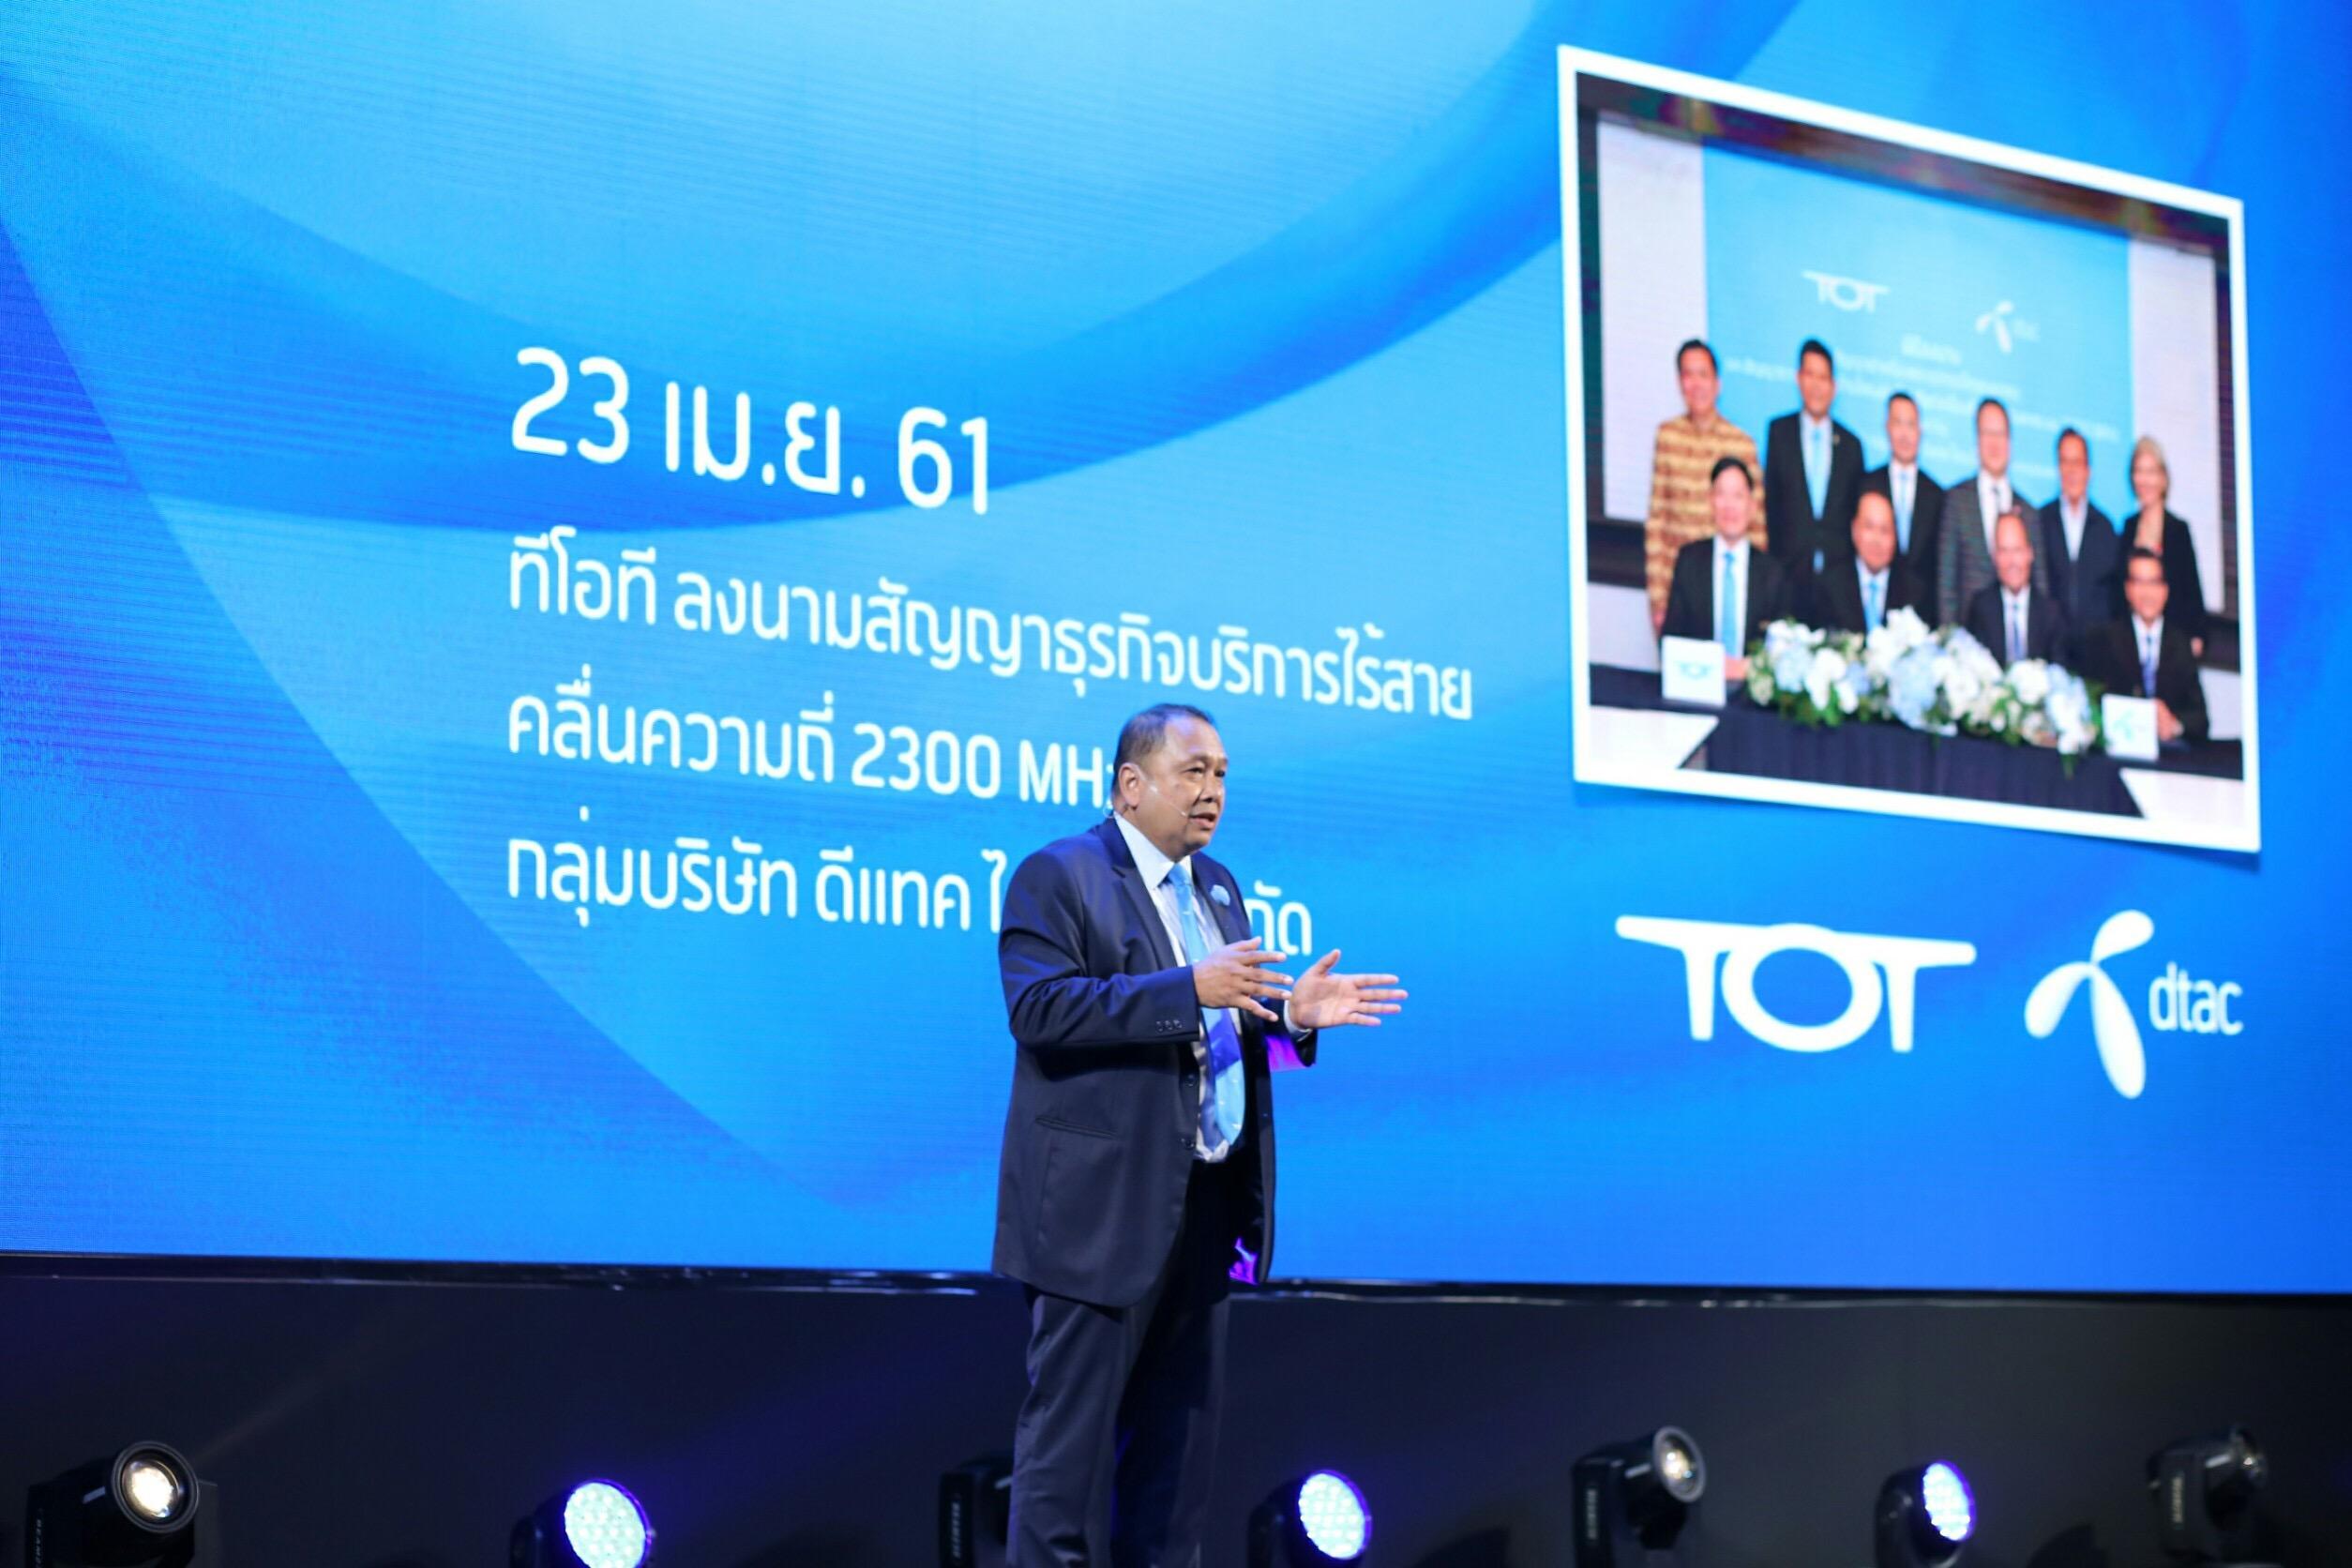 Dtac TOT 2300 MHz